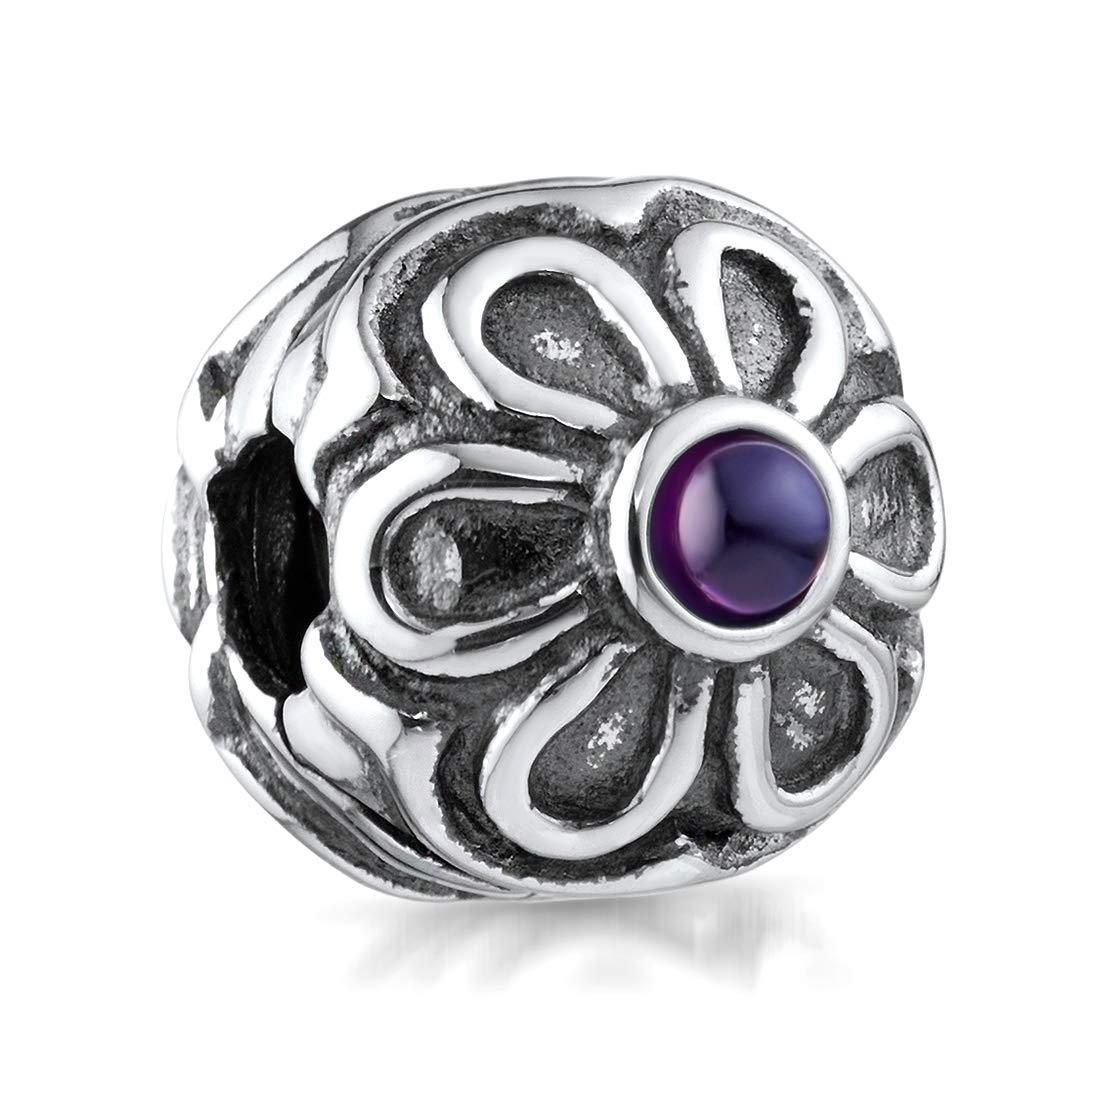 MATERIA 925 Silber Beads Anhänger Zirkonia Kugel lila weiß für Beads Armband